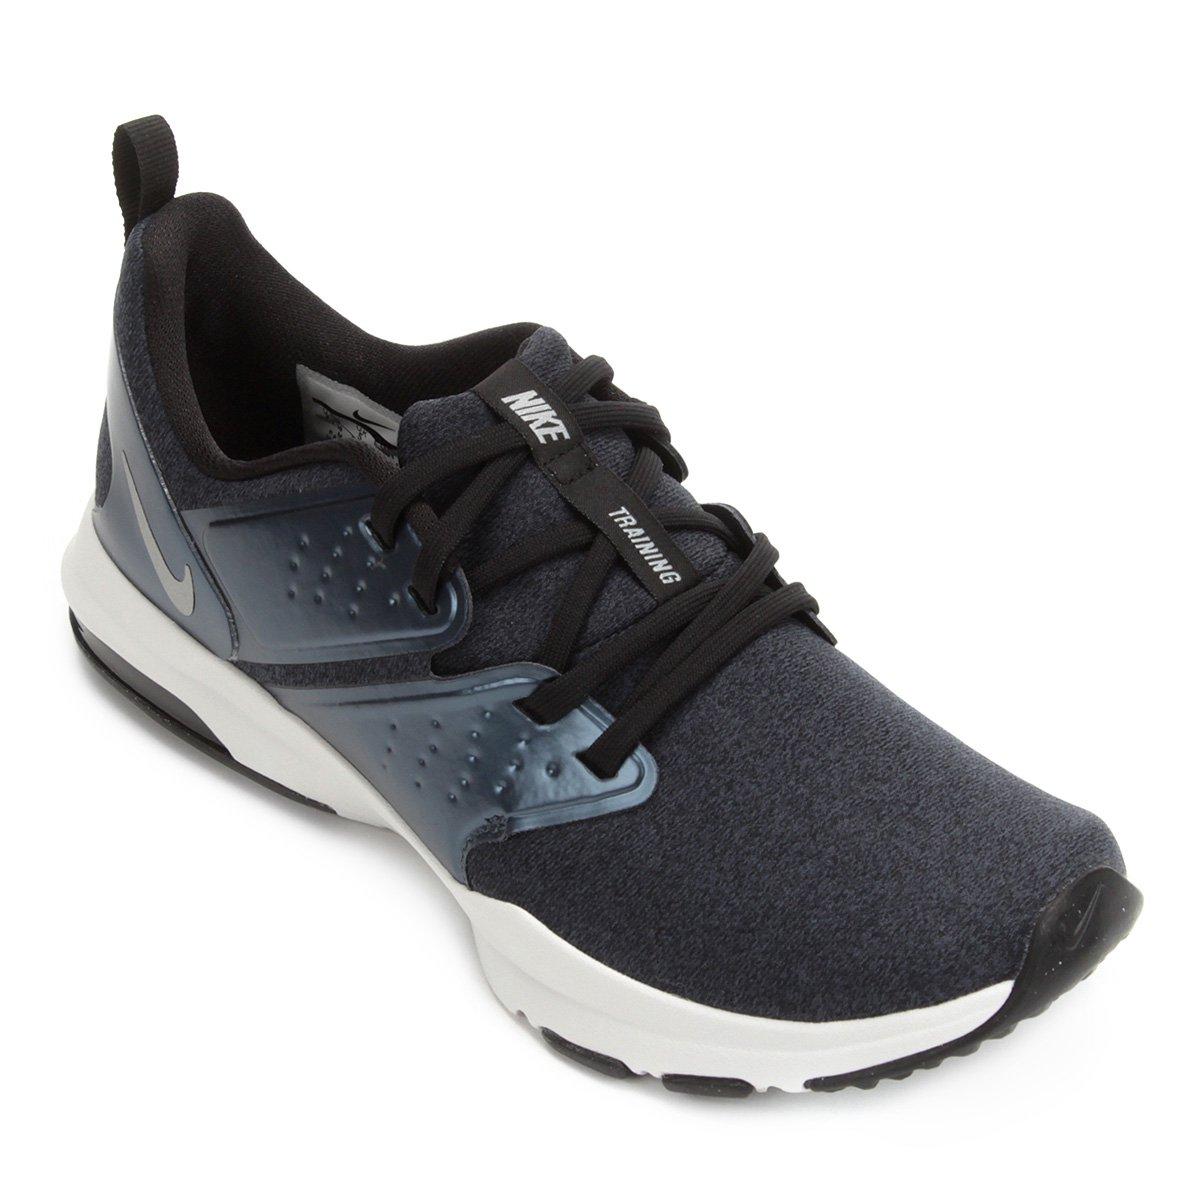 28e5ea69b69 Tênis Nike Air Bella Tr Premium Feminino - Preto e Prata - Compre Agora